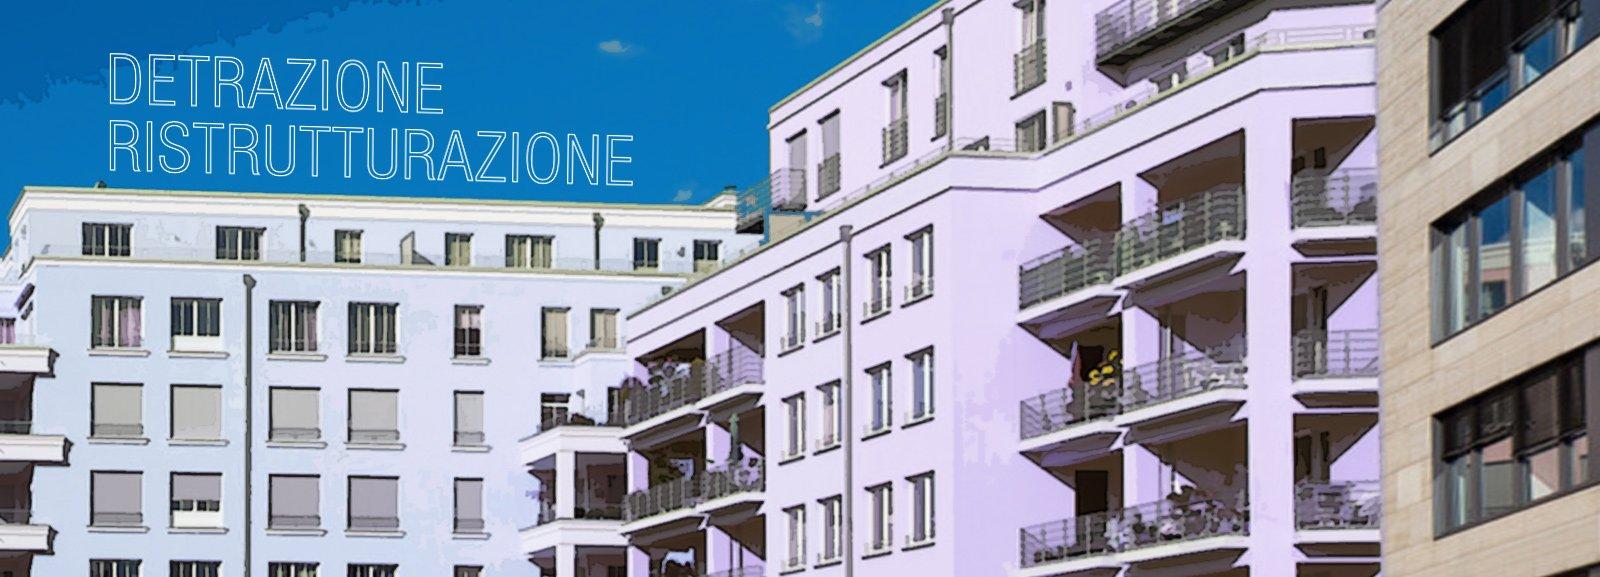 730 2014 mini guida sulla detrazione del 50 cose di casa for Entrate case moderne